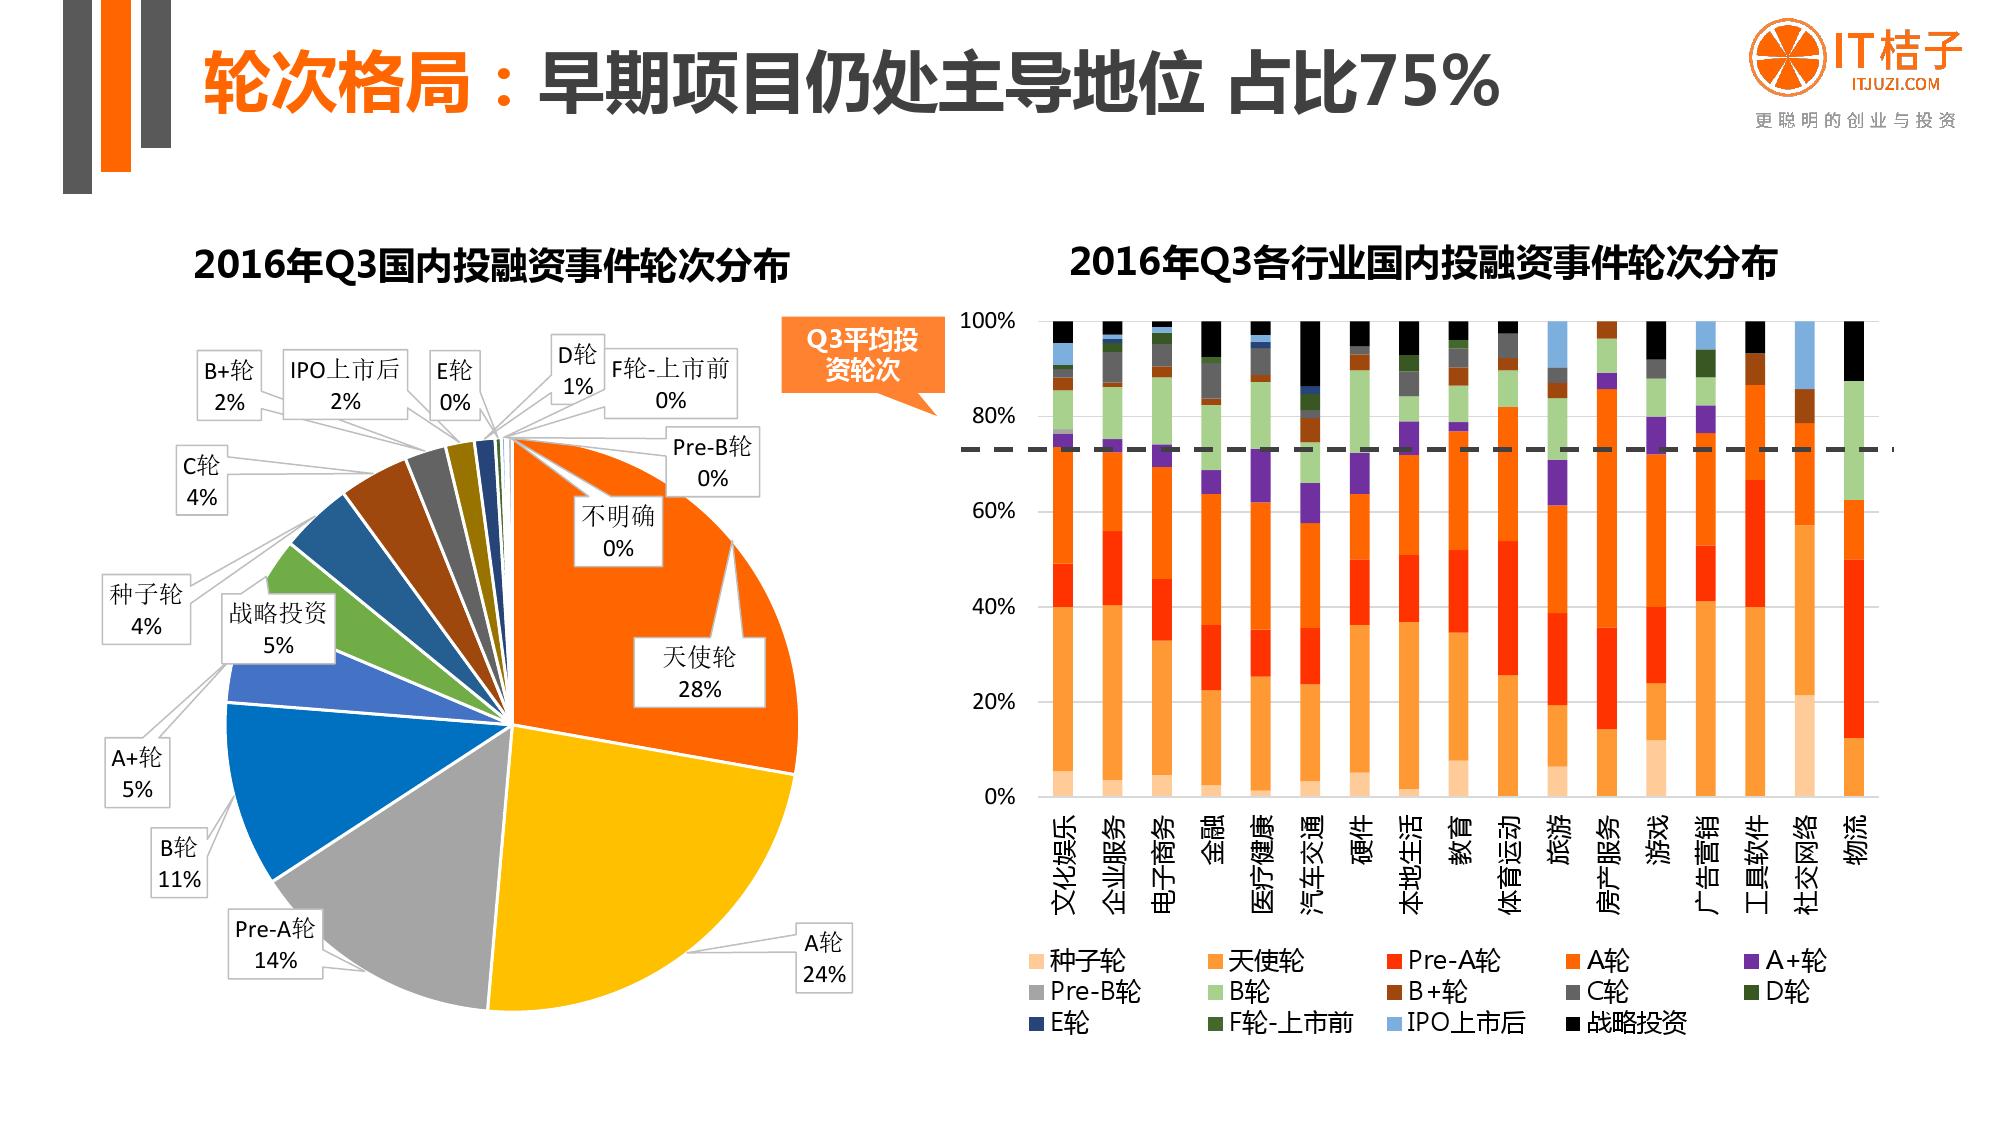 2016%e5%b9%b4q3%e4%b8%ad%e5%9b%bd%e4%ba%92%e8%81%94%e7%bd%91%e5%88%9b%e4%b8%9a%e6%8a%95%e8%b5%84%e5%88%86%e6%9e%90%e6%8a%a5%e5%91%8a_000016